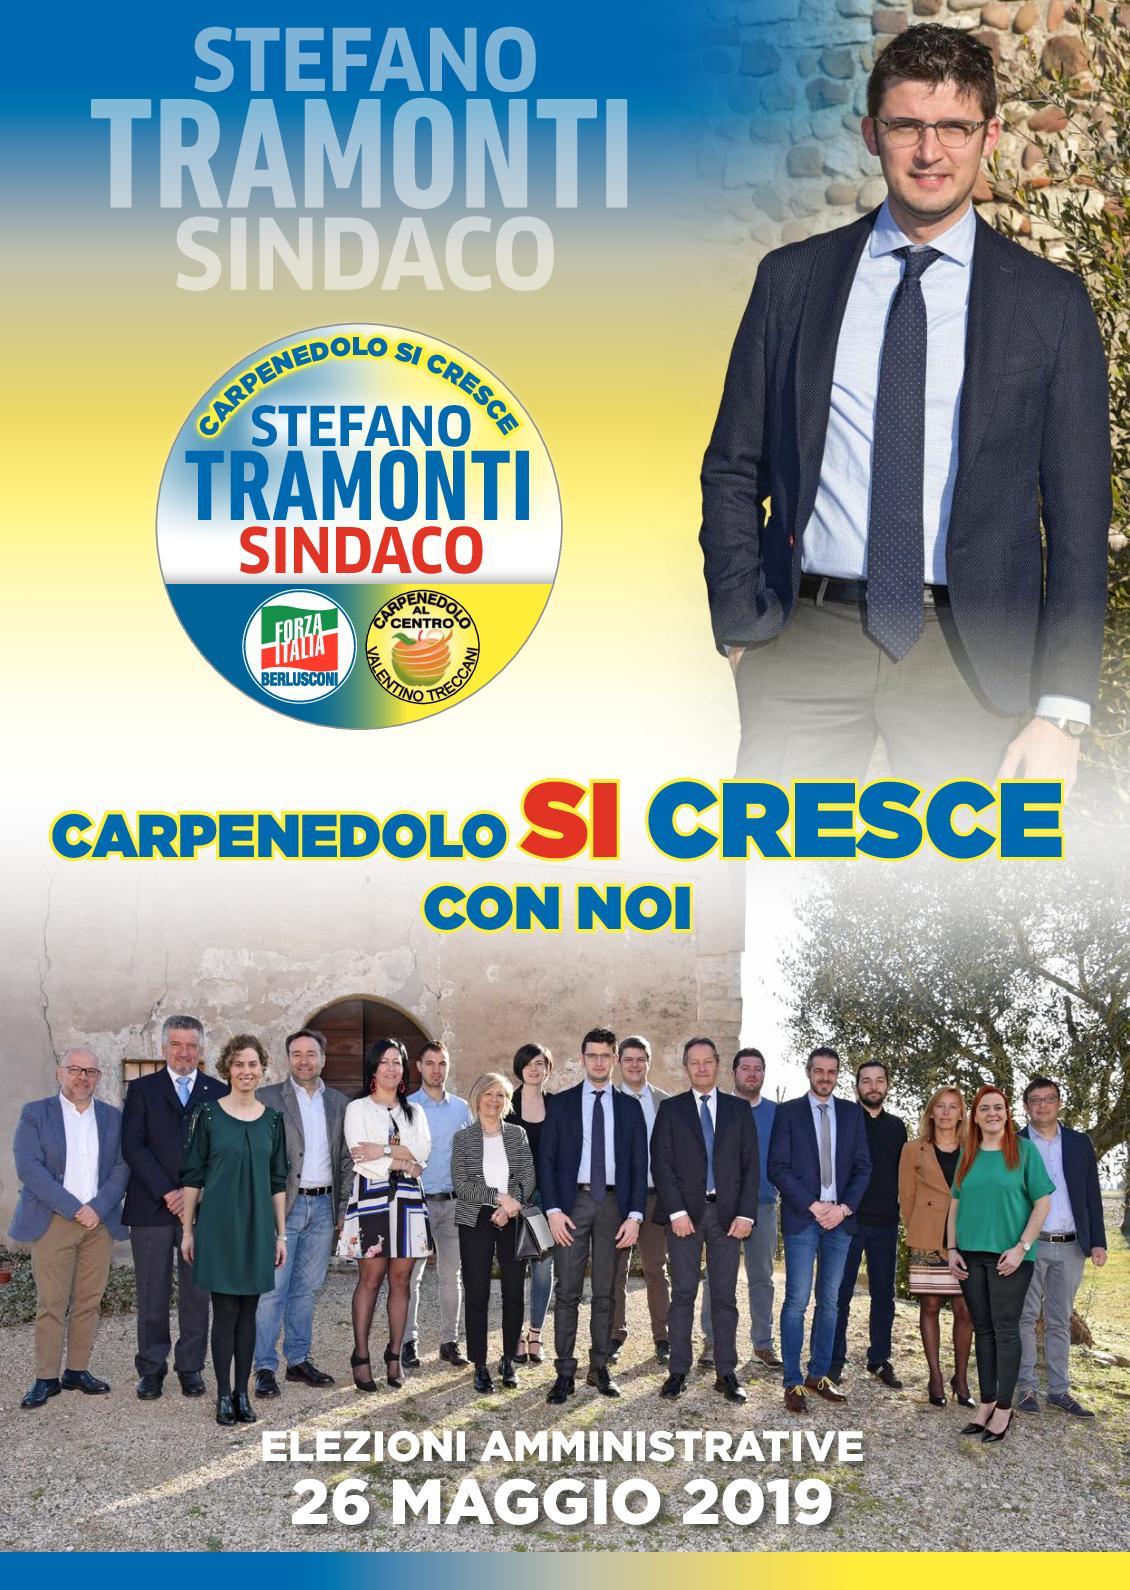 Programma 2019 Carpenedolo Si Cresce